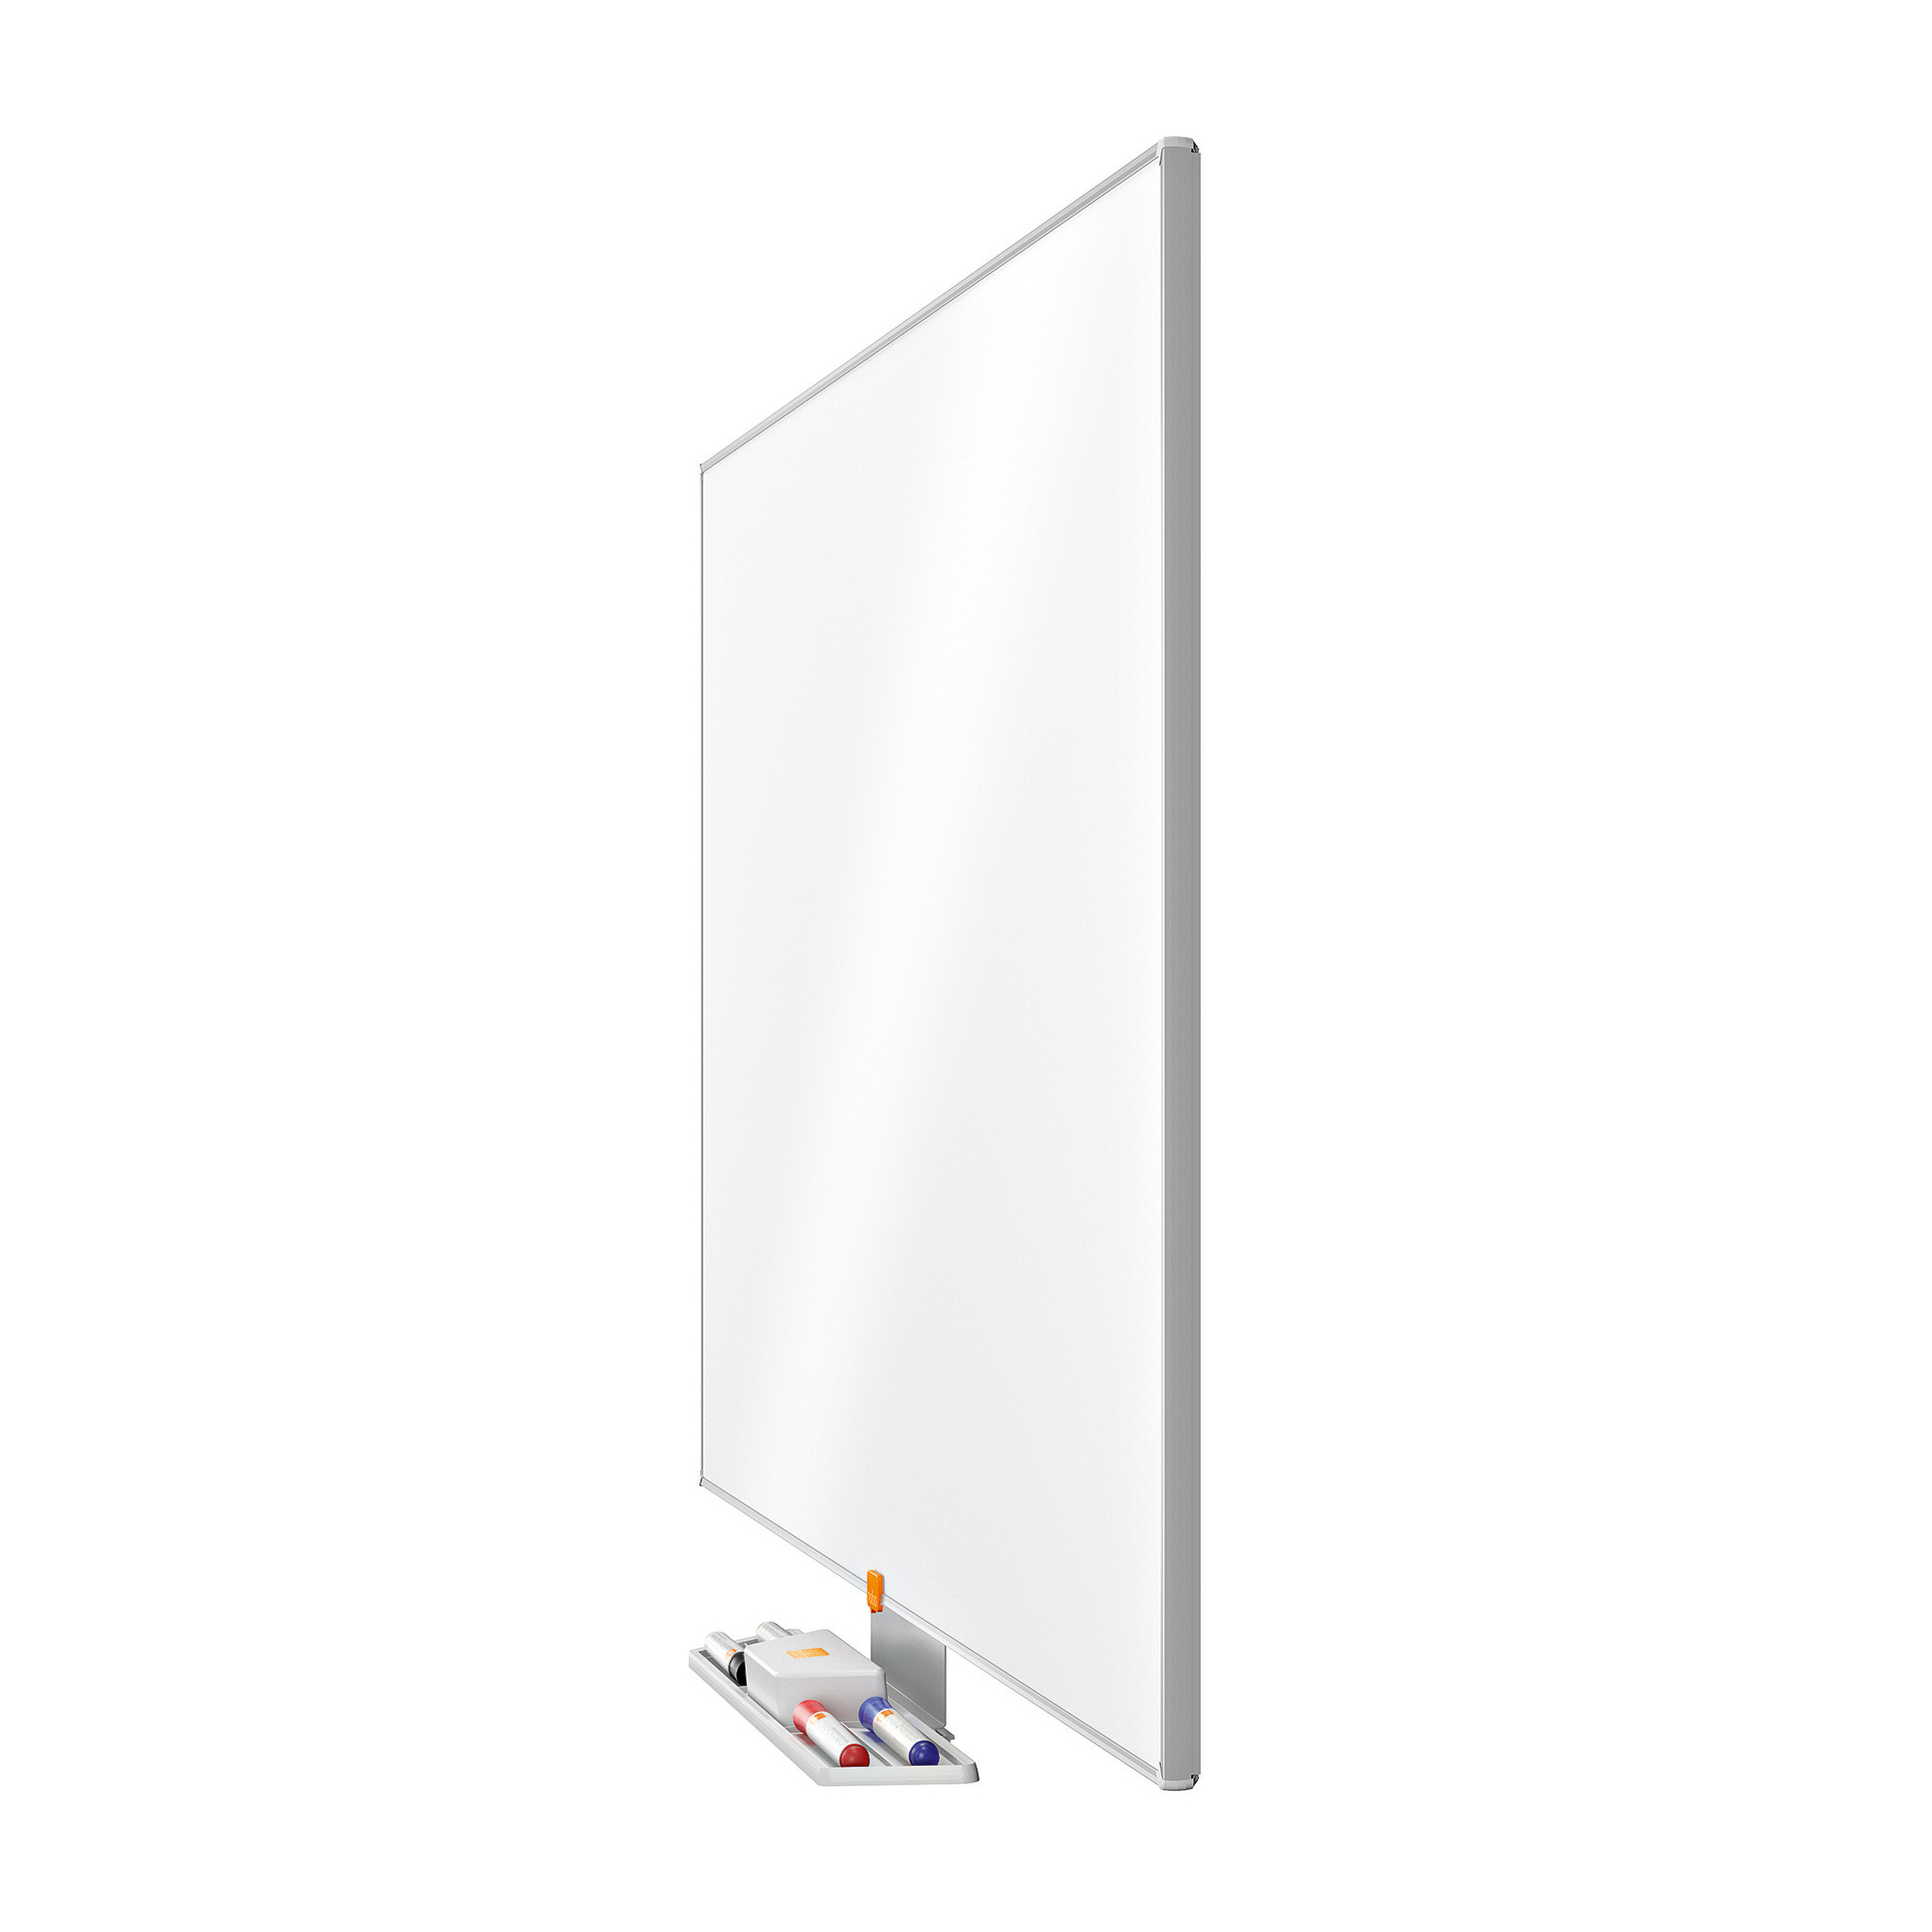 Nobo Widescreen Nano Clean Whiteboard 55 Inch 1905298